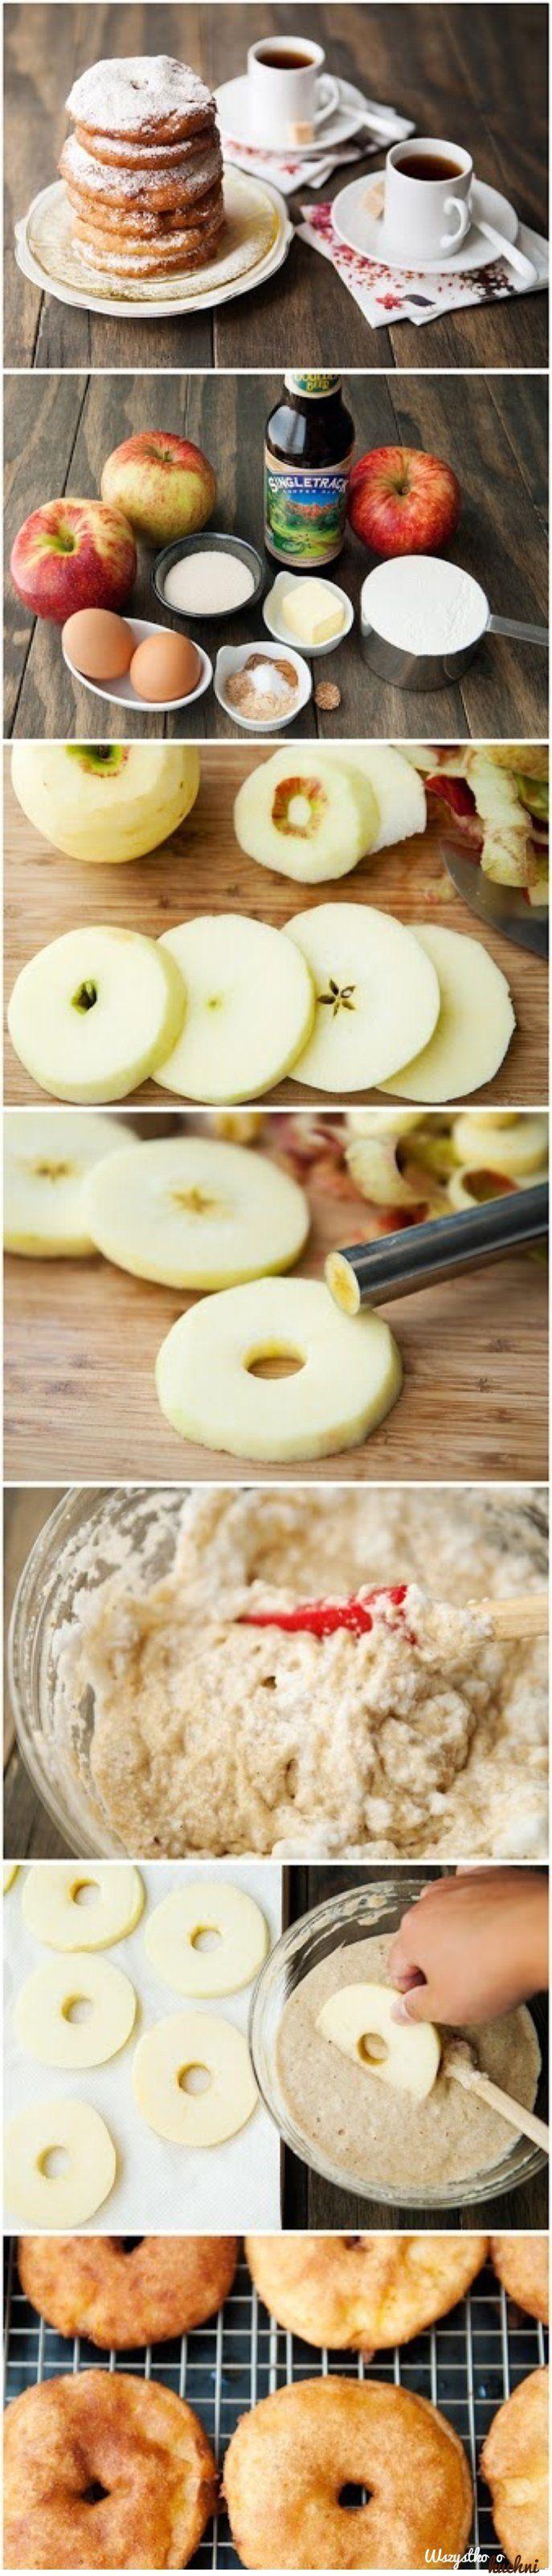 Przepis na placuszki z jabłkami inaczej...